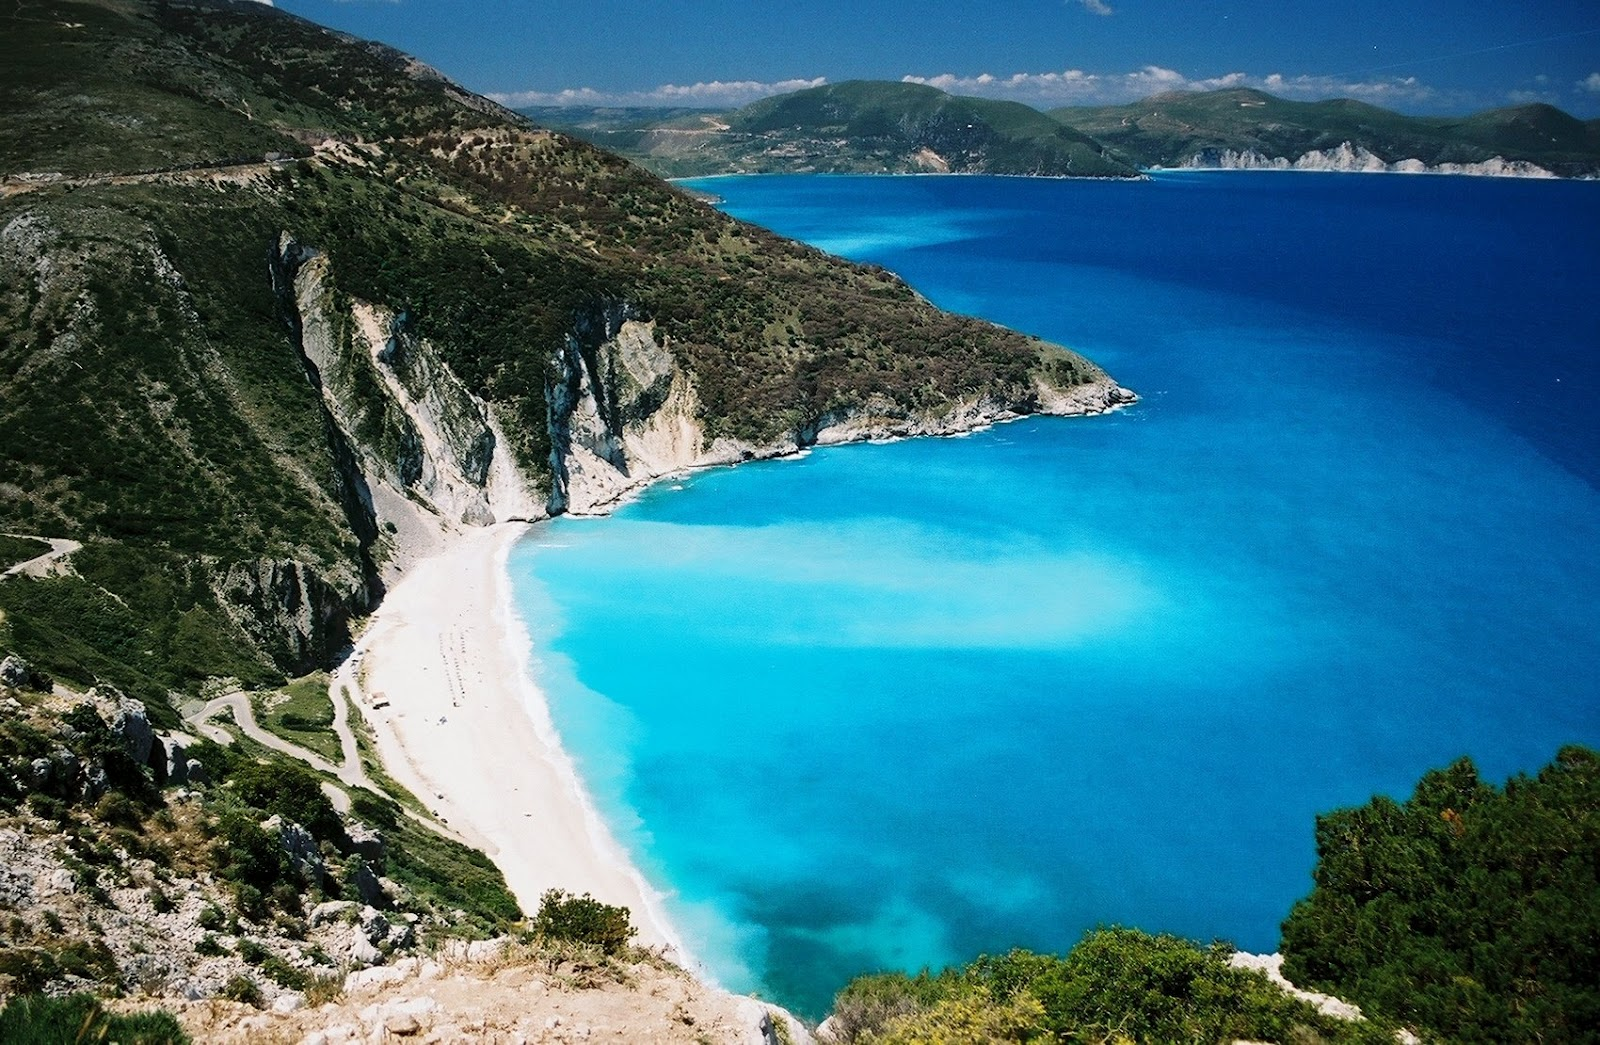 Soggiorno isola di Karpathos - Tour lungo raggio